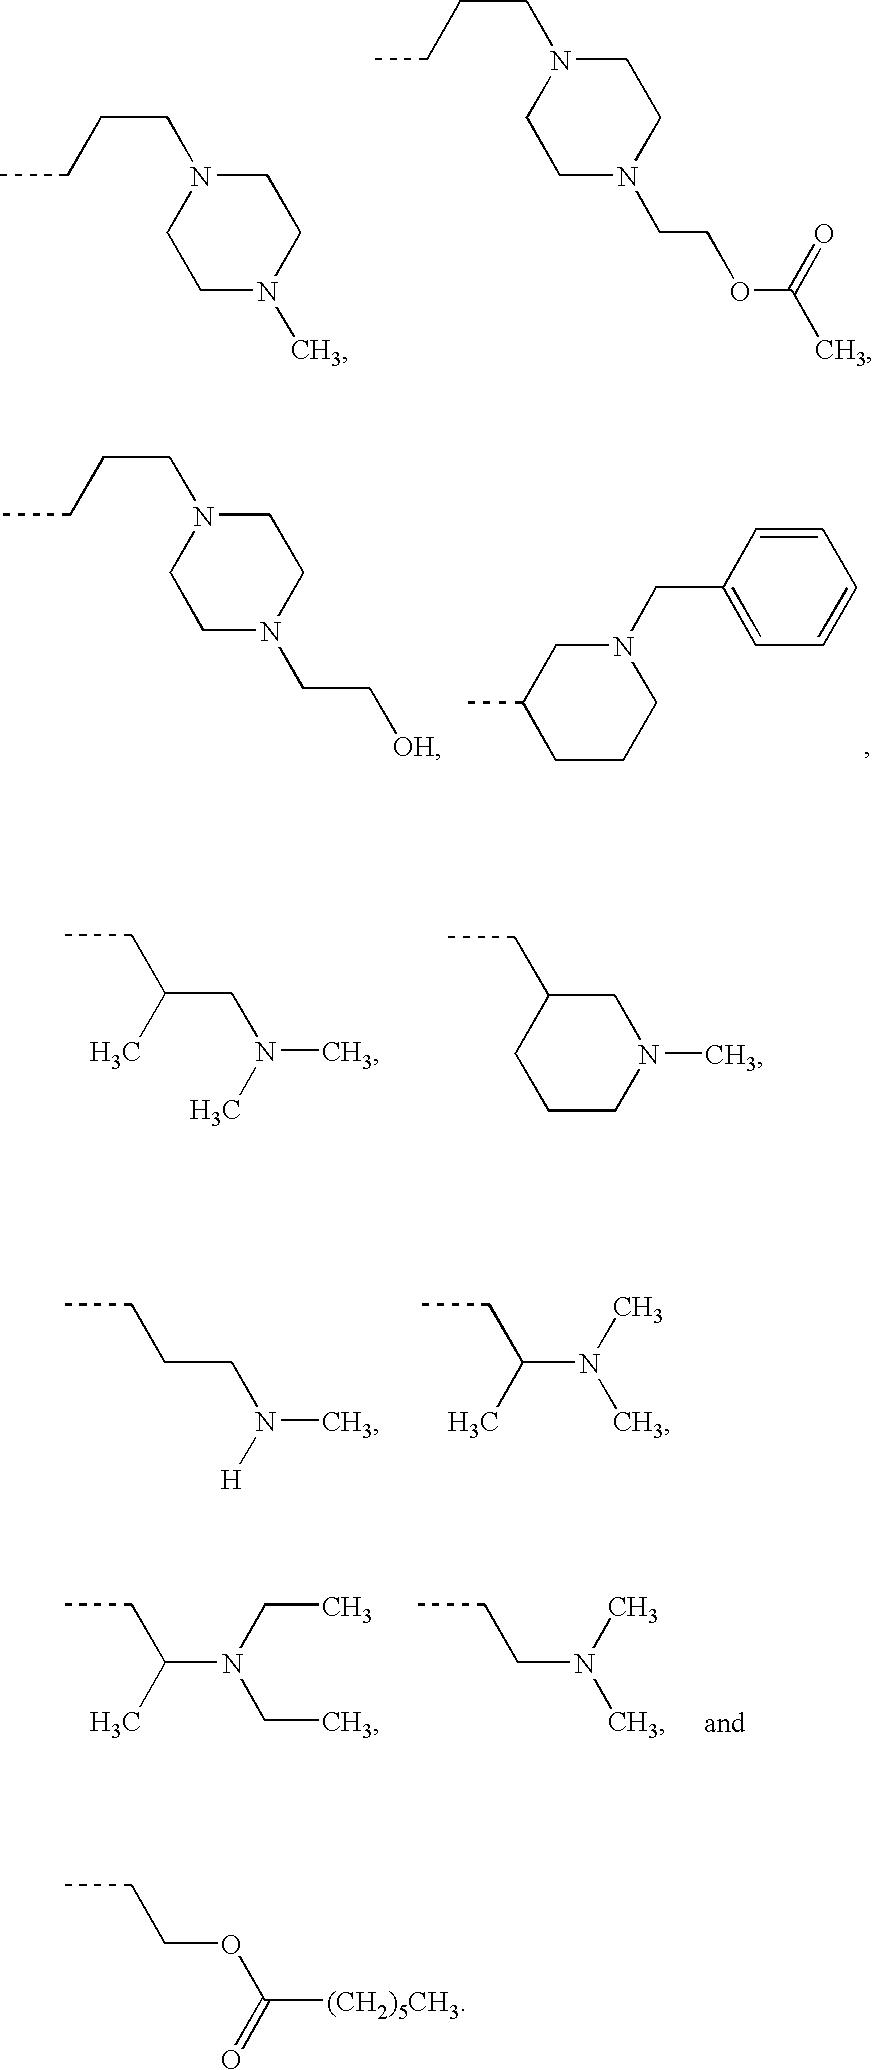 Figure US20070208134A1-20070906-C00200